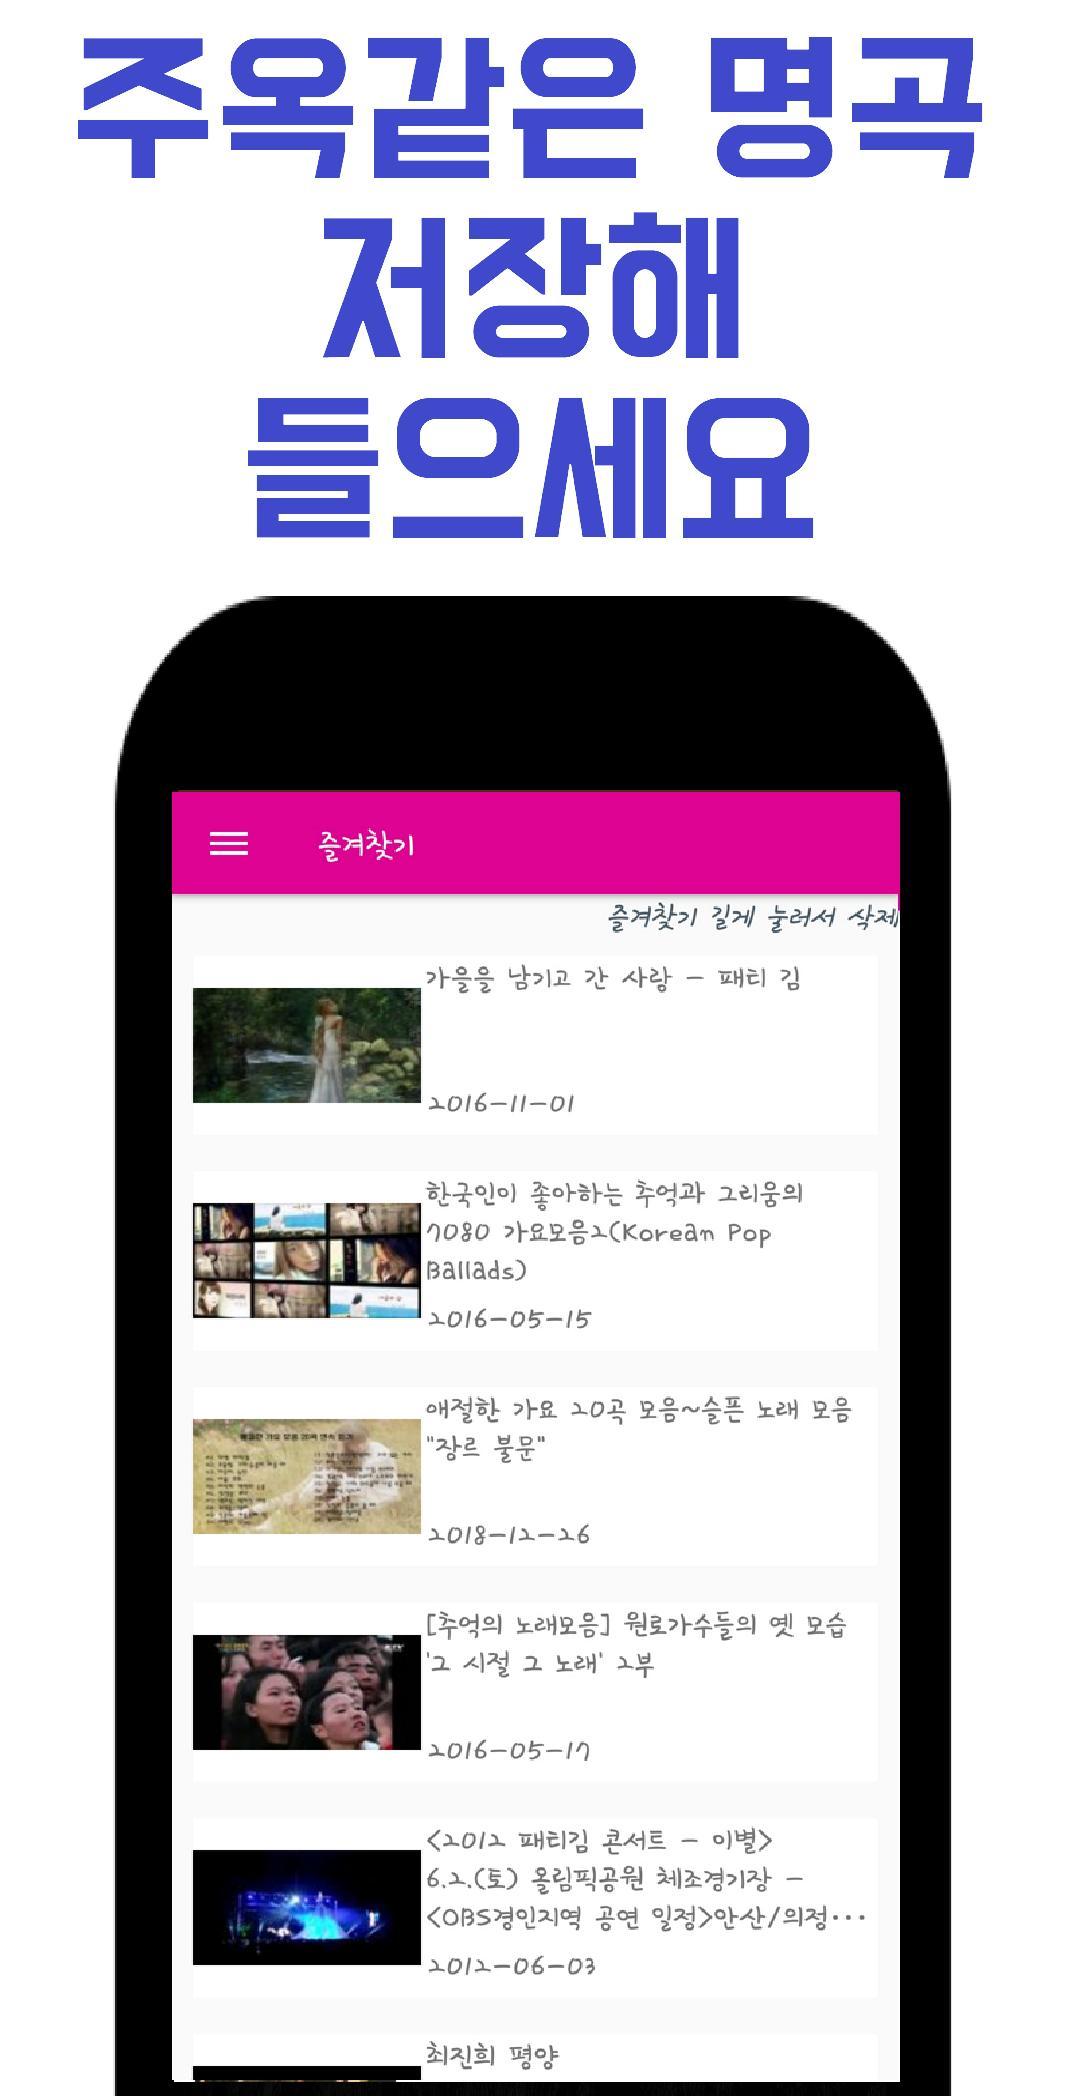 패티김 노래와 공연 poster